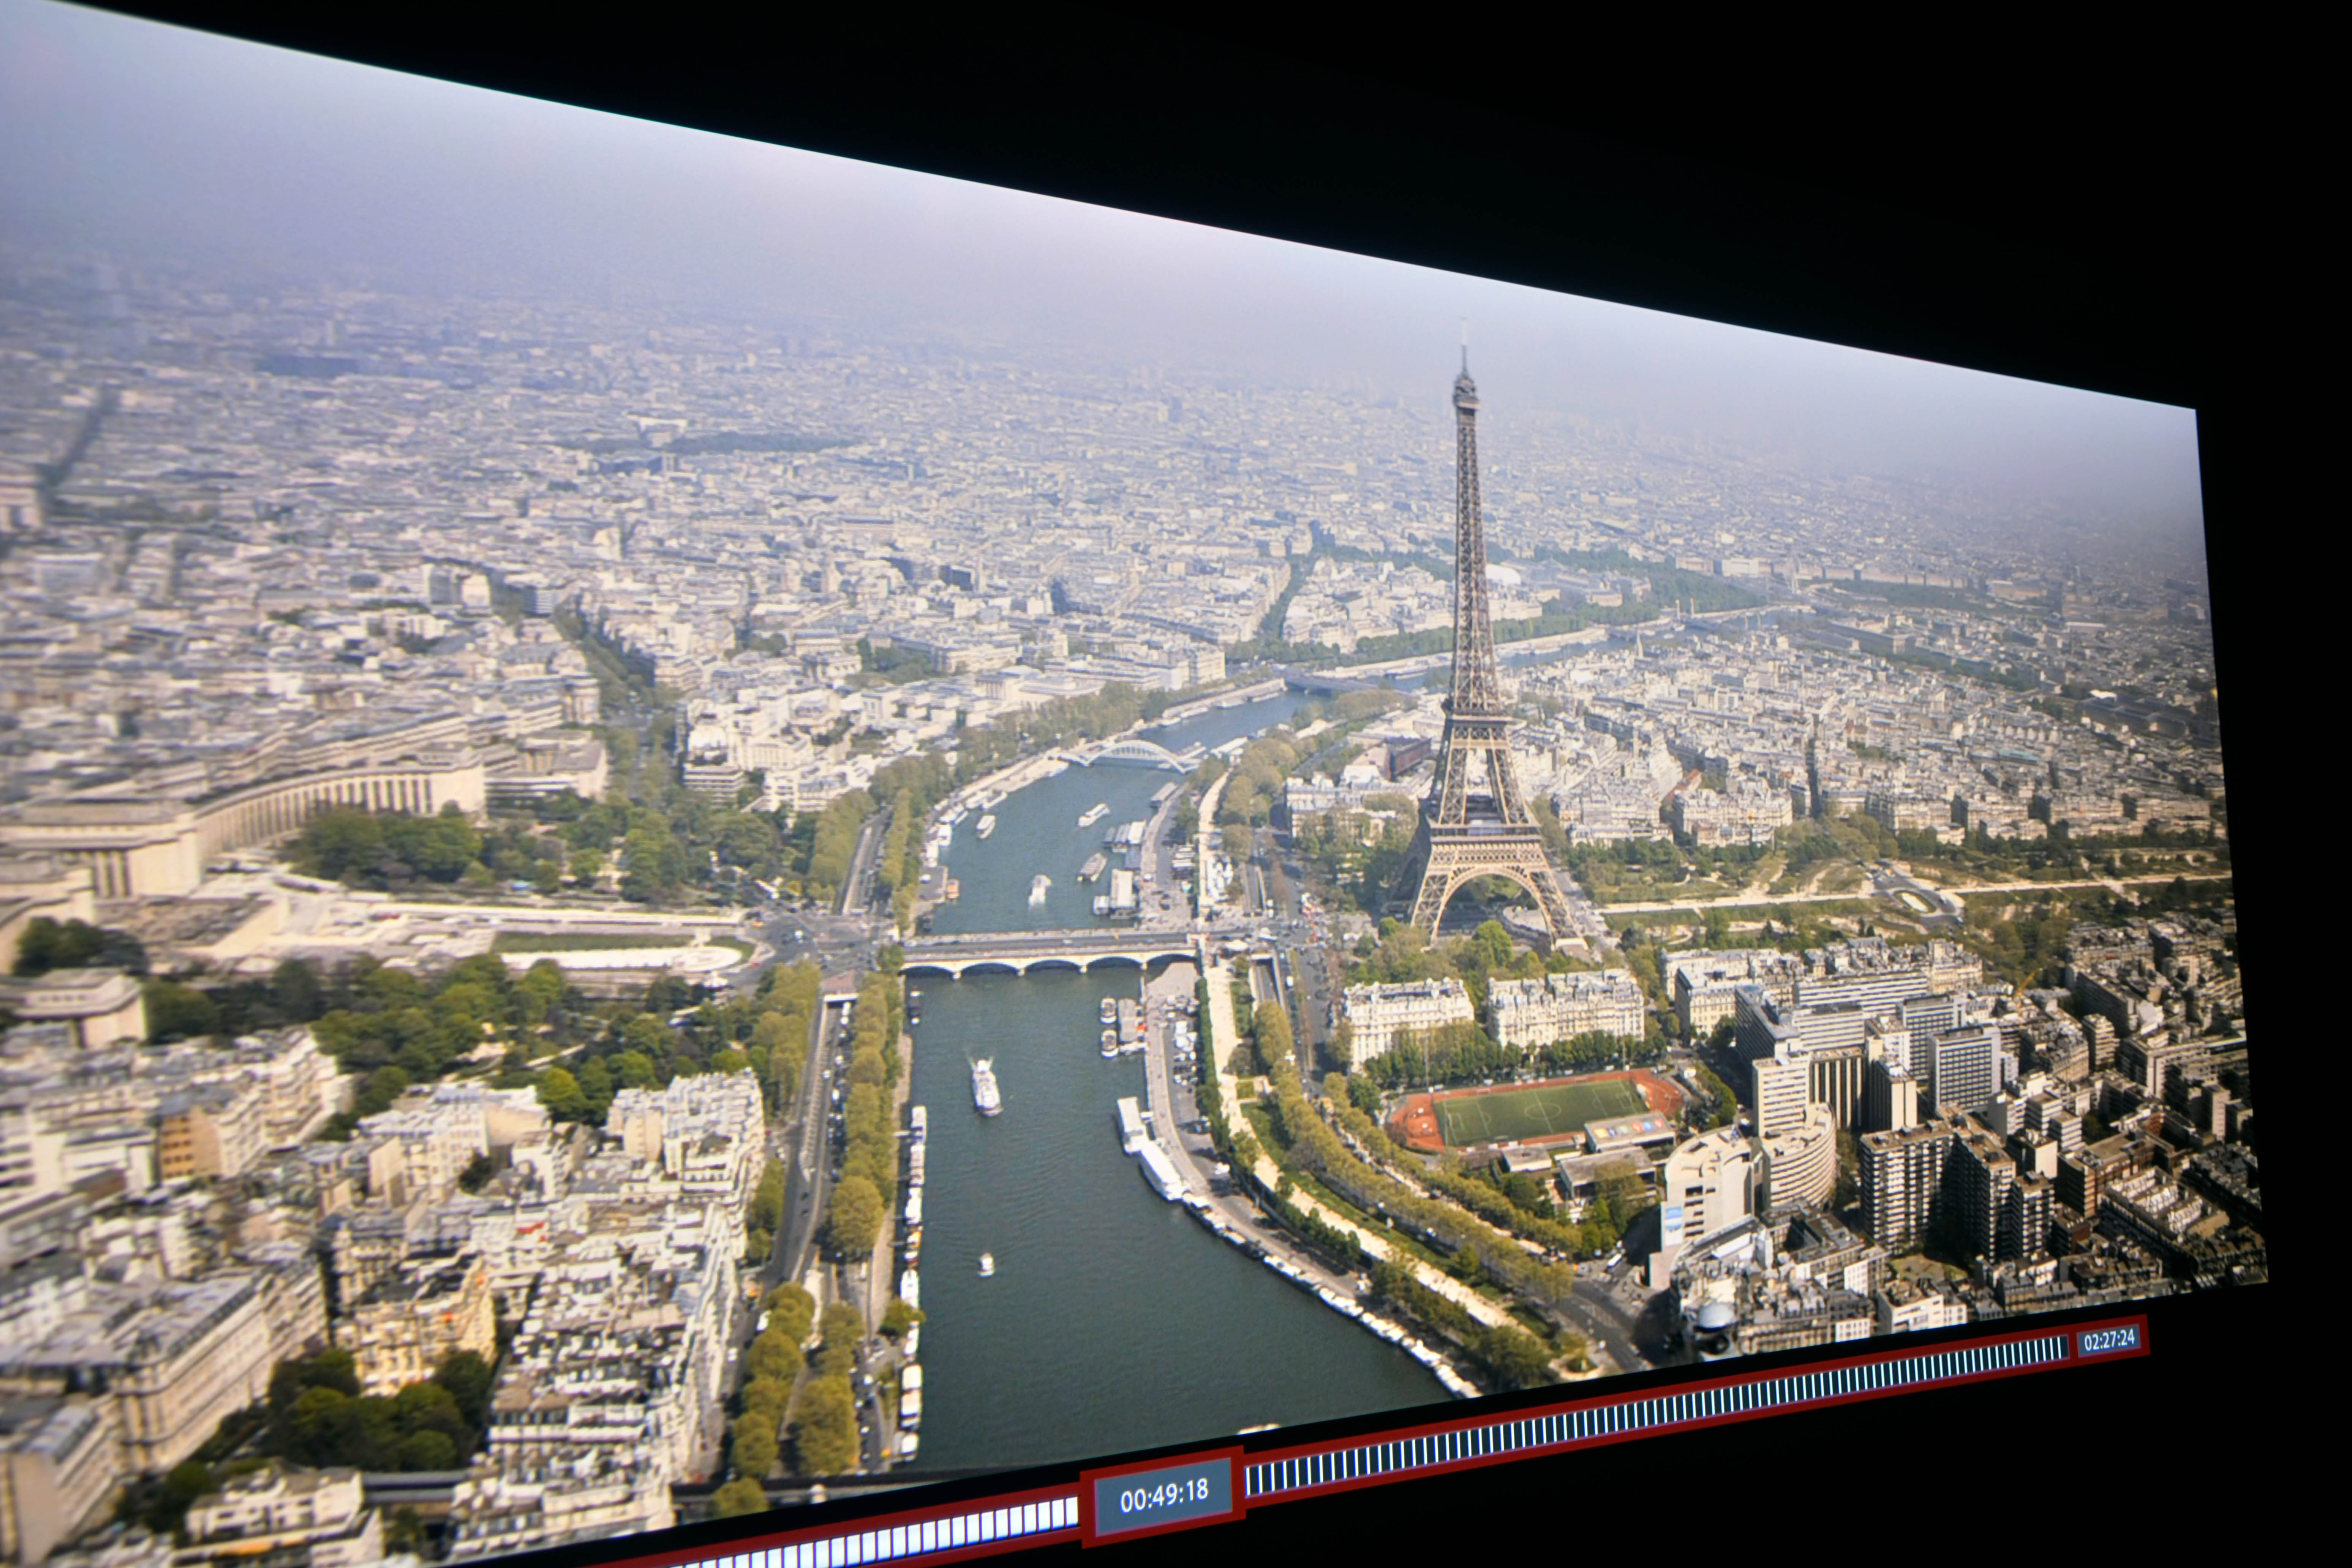 """Full HD – In MISSION IMPSSIBLE: FALLOUT zeigt die Panoramaaufnahme von Paris viele Einzelheiten. Der Eifelturm weist klare Konturen auf. Einzelne Metallstreben sind zu erkennen. Die Bäume links und rechts von der Seine sind ebenfalls klar und deutlich vorhanden. Die weiter entfernten Gebäude """"verschwimmen"""" im Schleier des diesigen Himmels."""